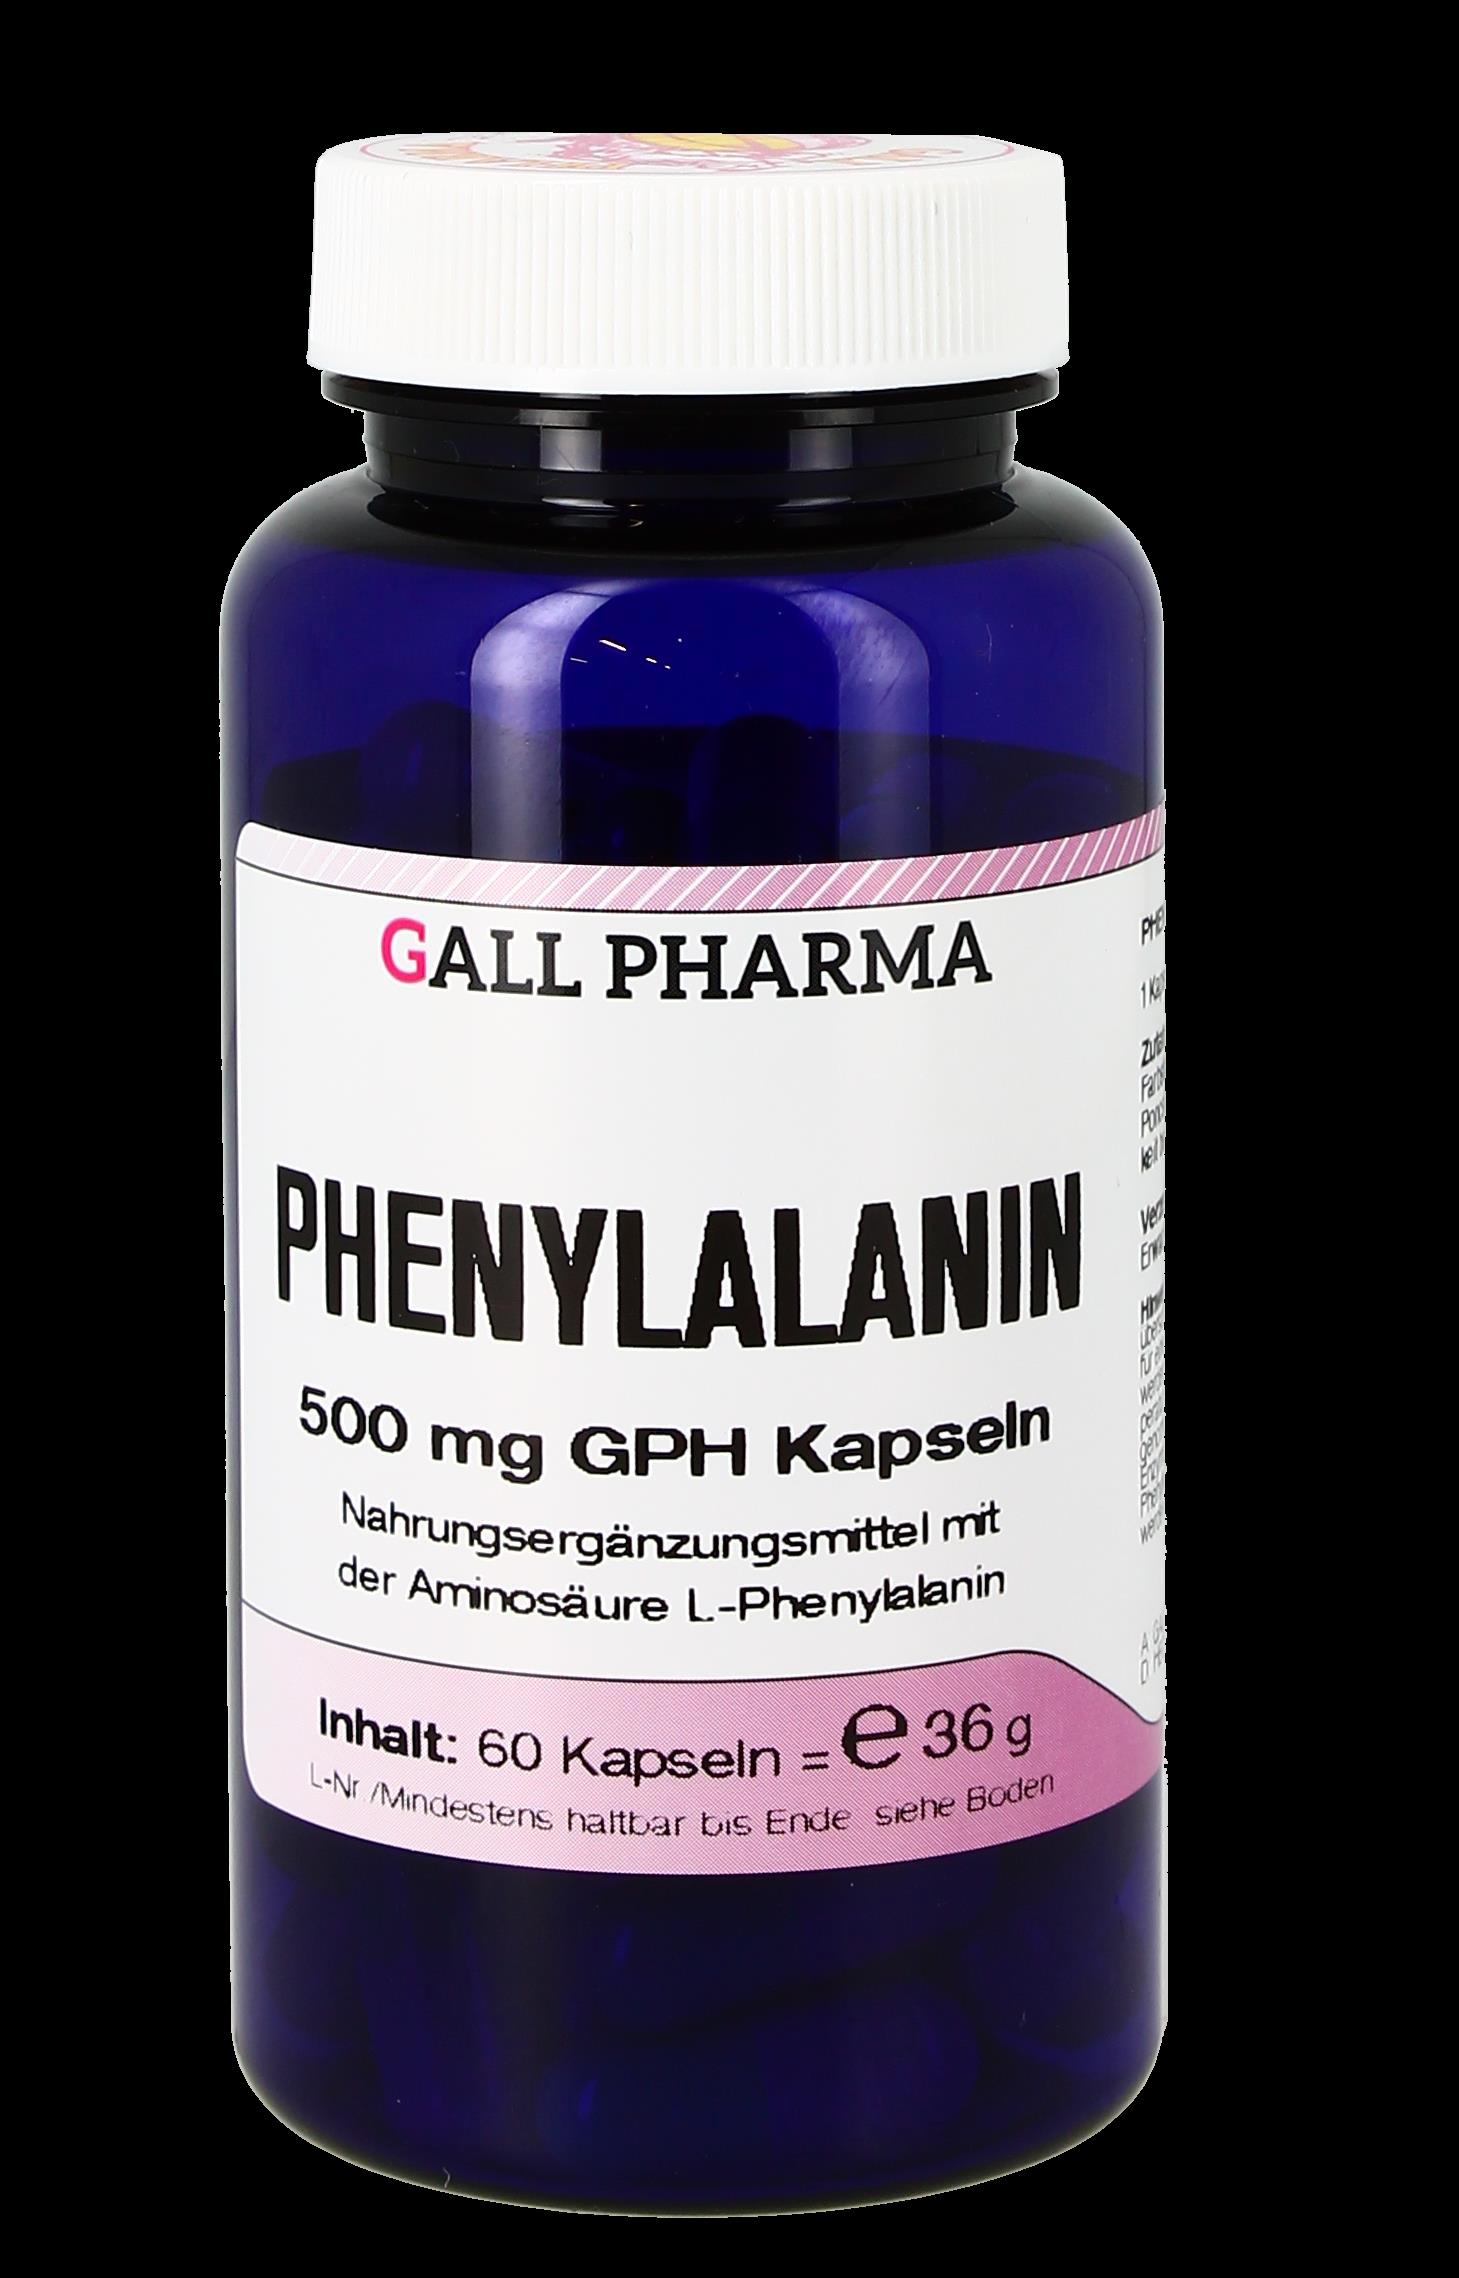 Phenylalanin 500 mg GPH Kapseln